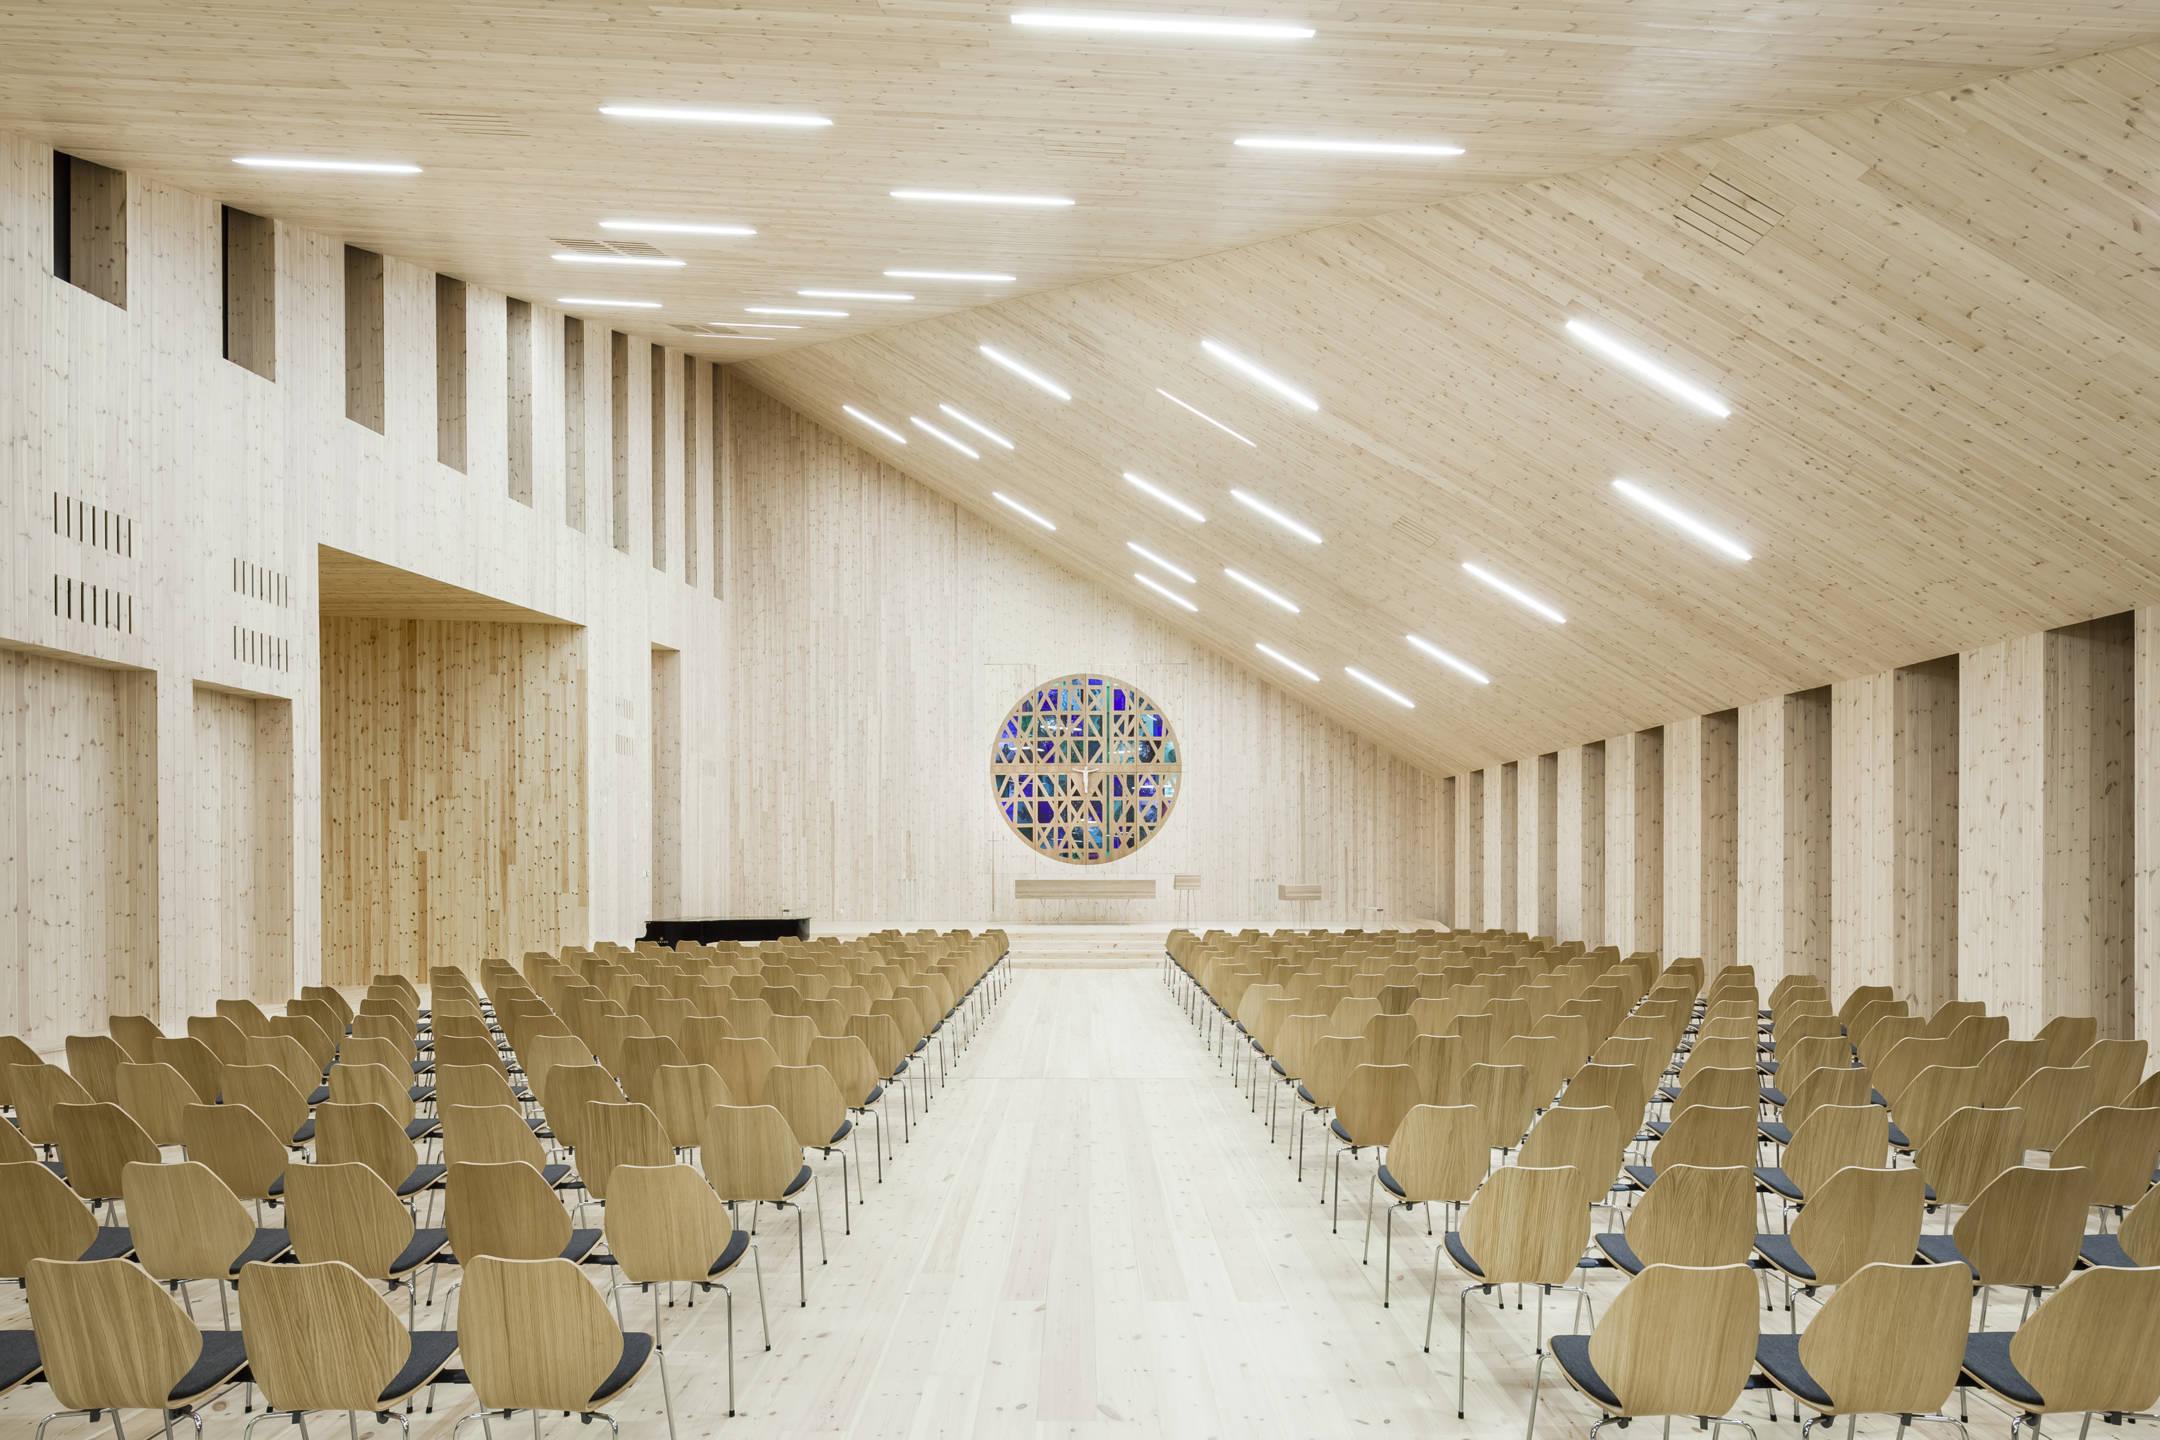 Anche la chiesa di Knarvik dispone di un pianoforte. Dietro questo si apre una nicchia che favorisce la proiezione del suono nell'aula. (foto Hundven Clements)